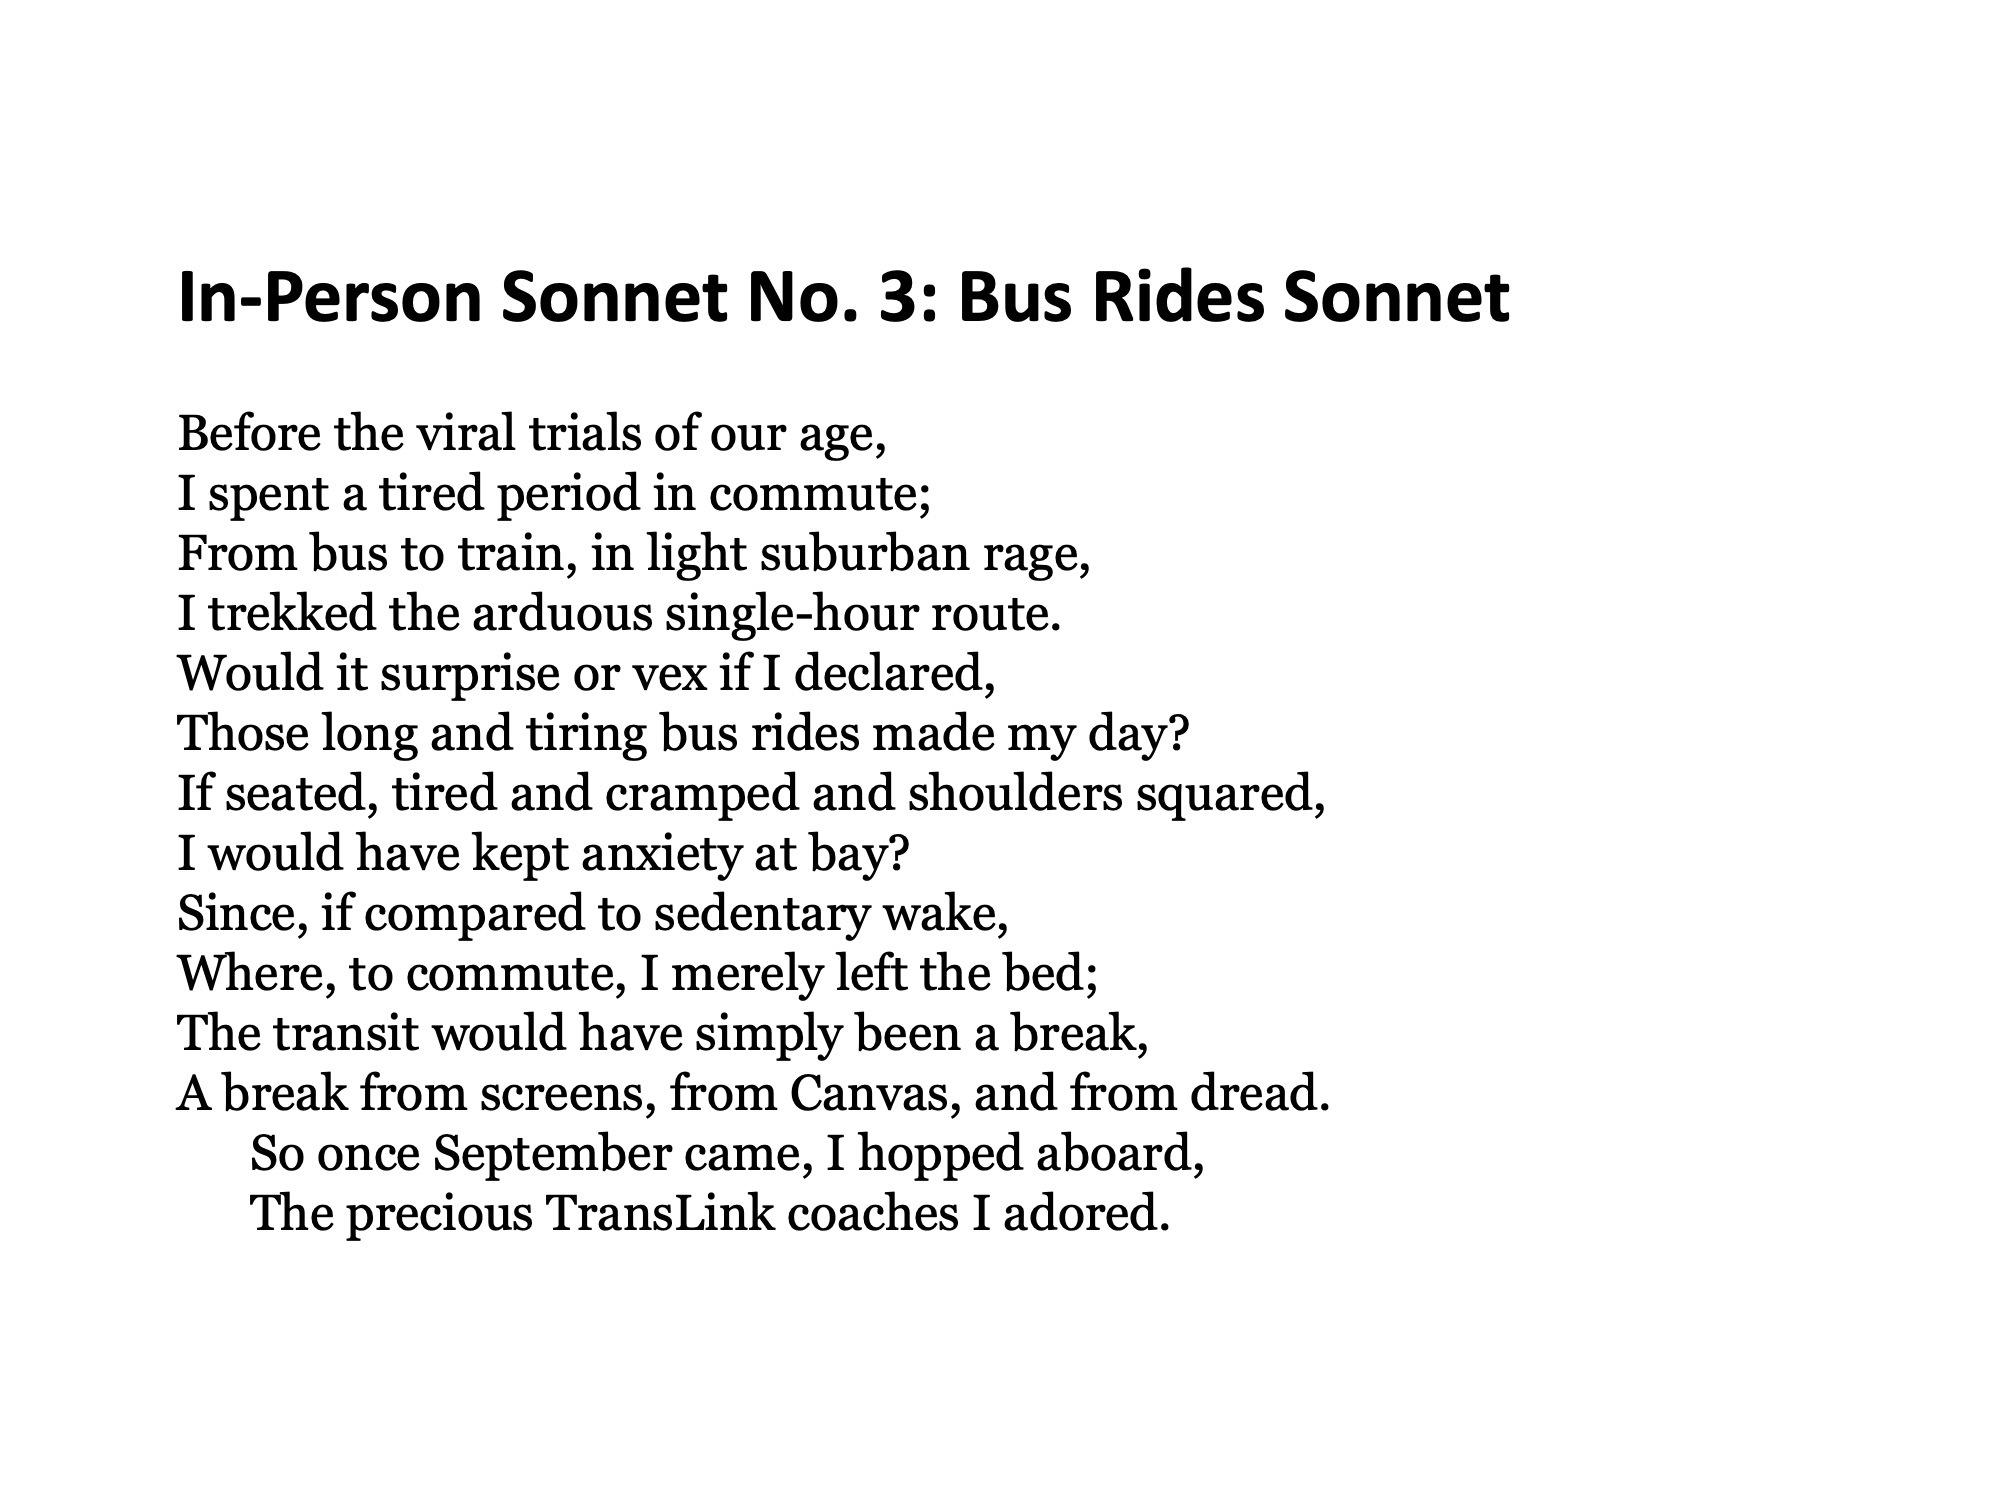 Sonnet 3.